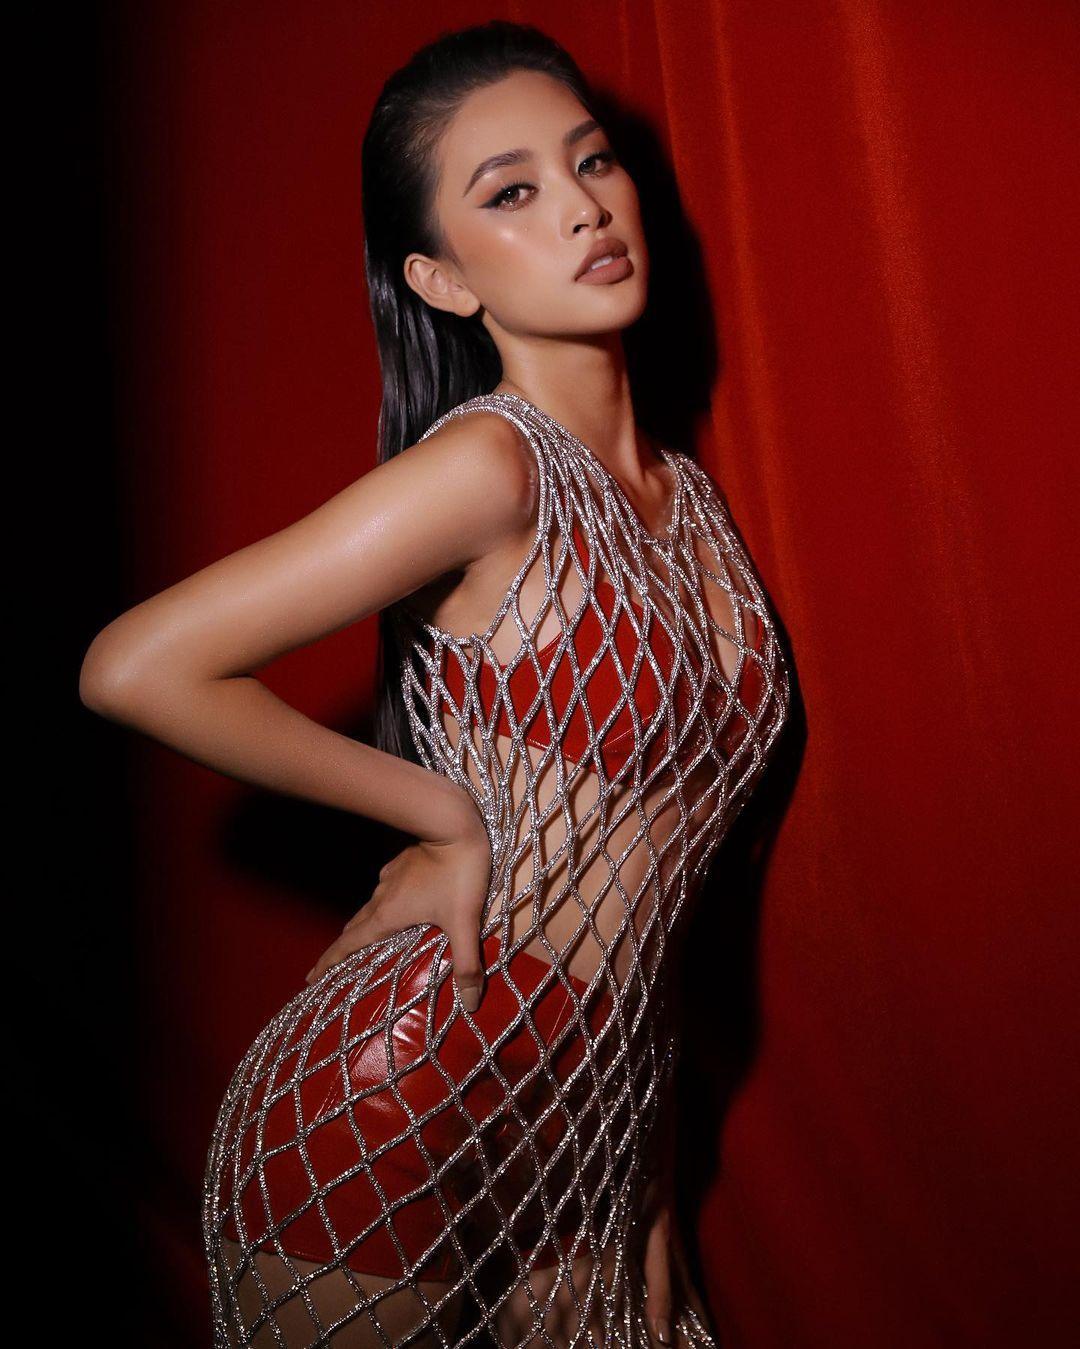 Hoa hậu Tiểu Vy phản hồi về việc mặc gợi cảm quá mức Ảnh 9